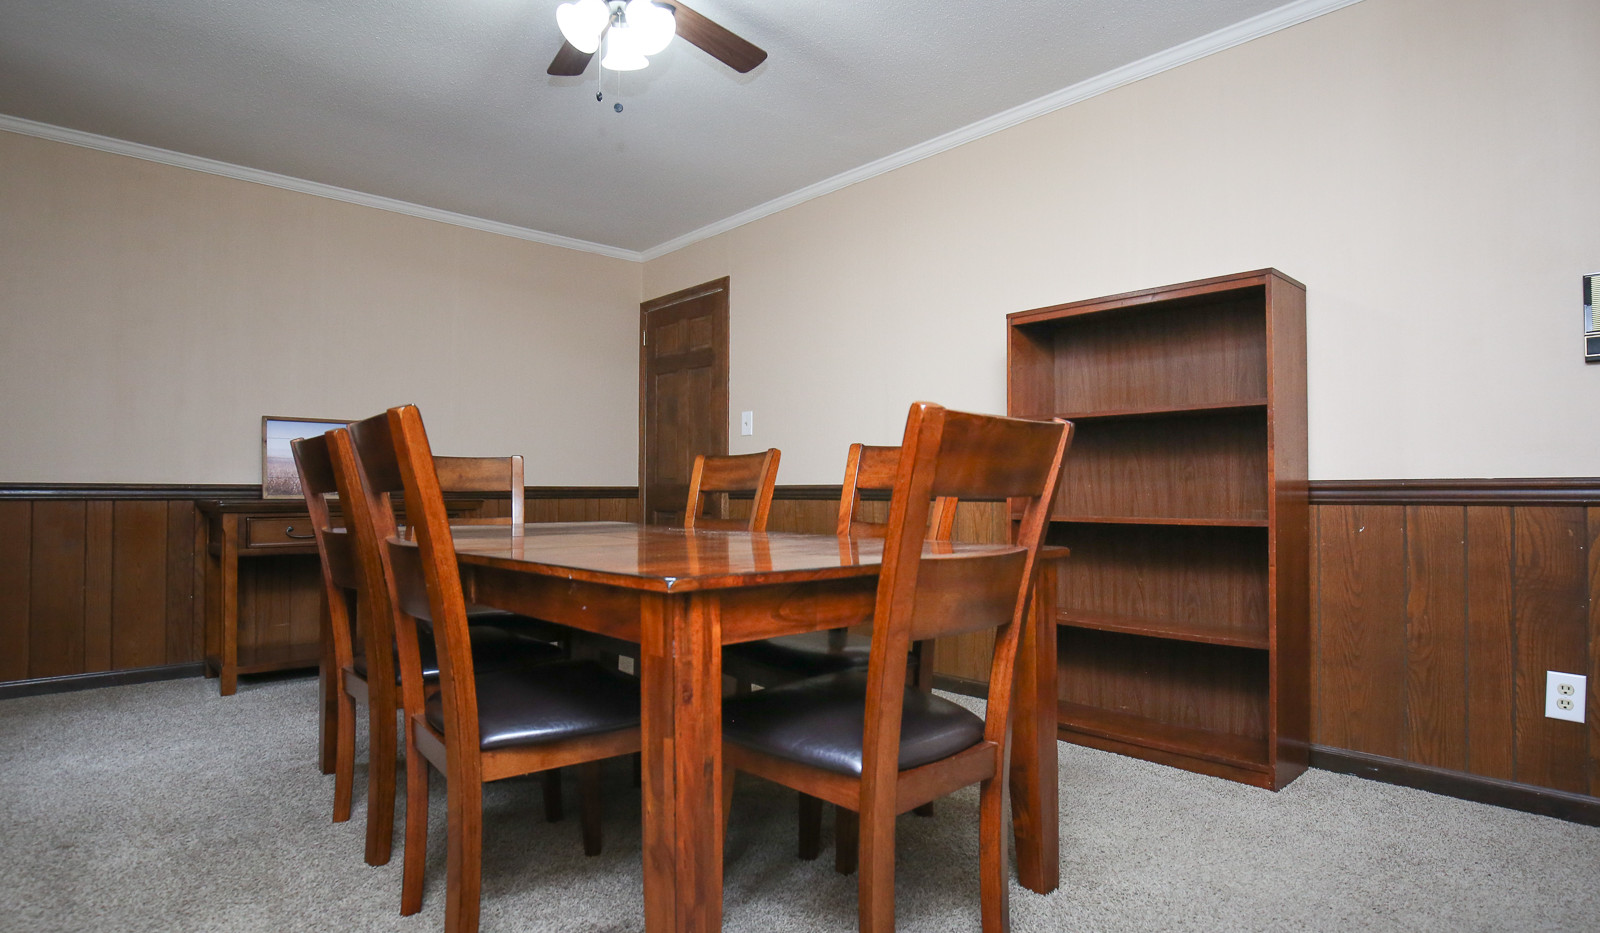 019_294_barnes_ave_dining_room.jpg